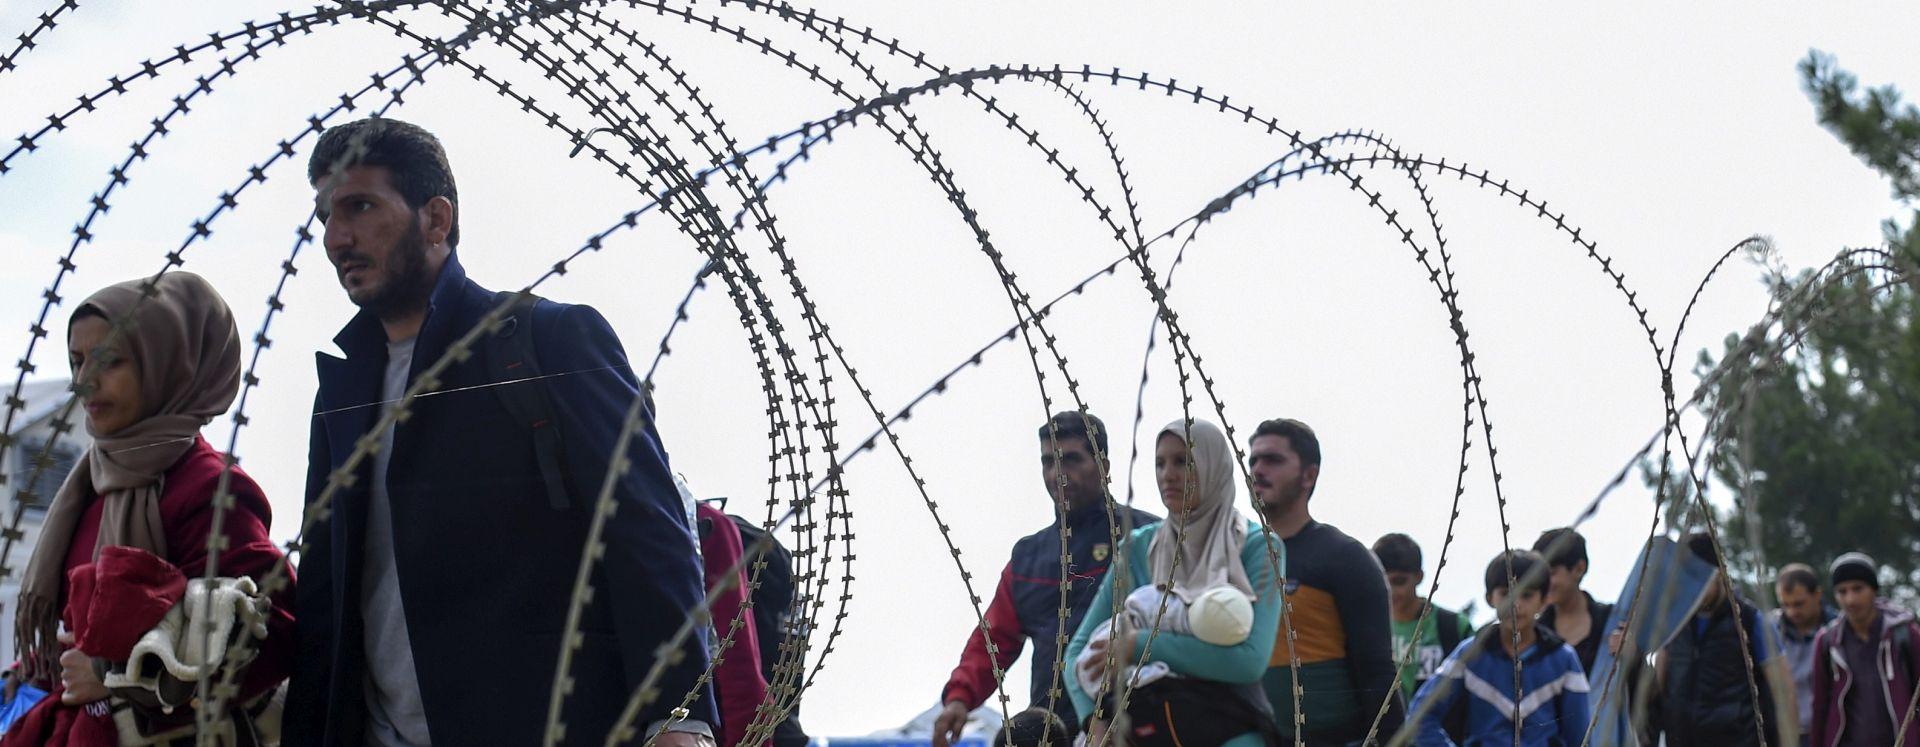 PRIJEĐEN PRAG: Više od 500.000 migranata i izbjeglica stiglo u Grčku